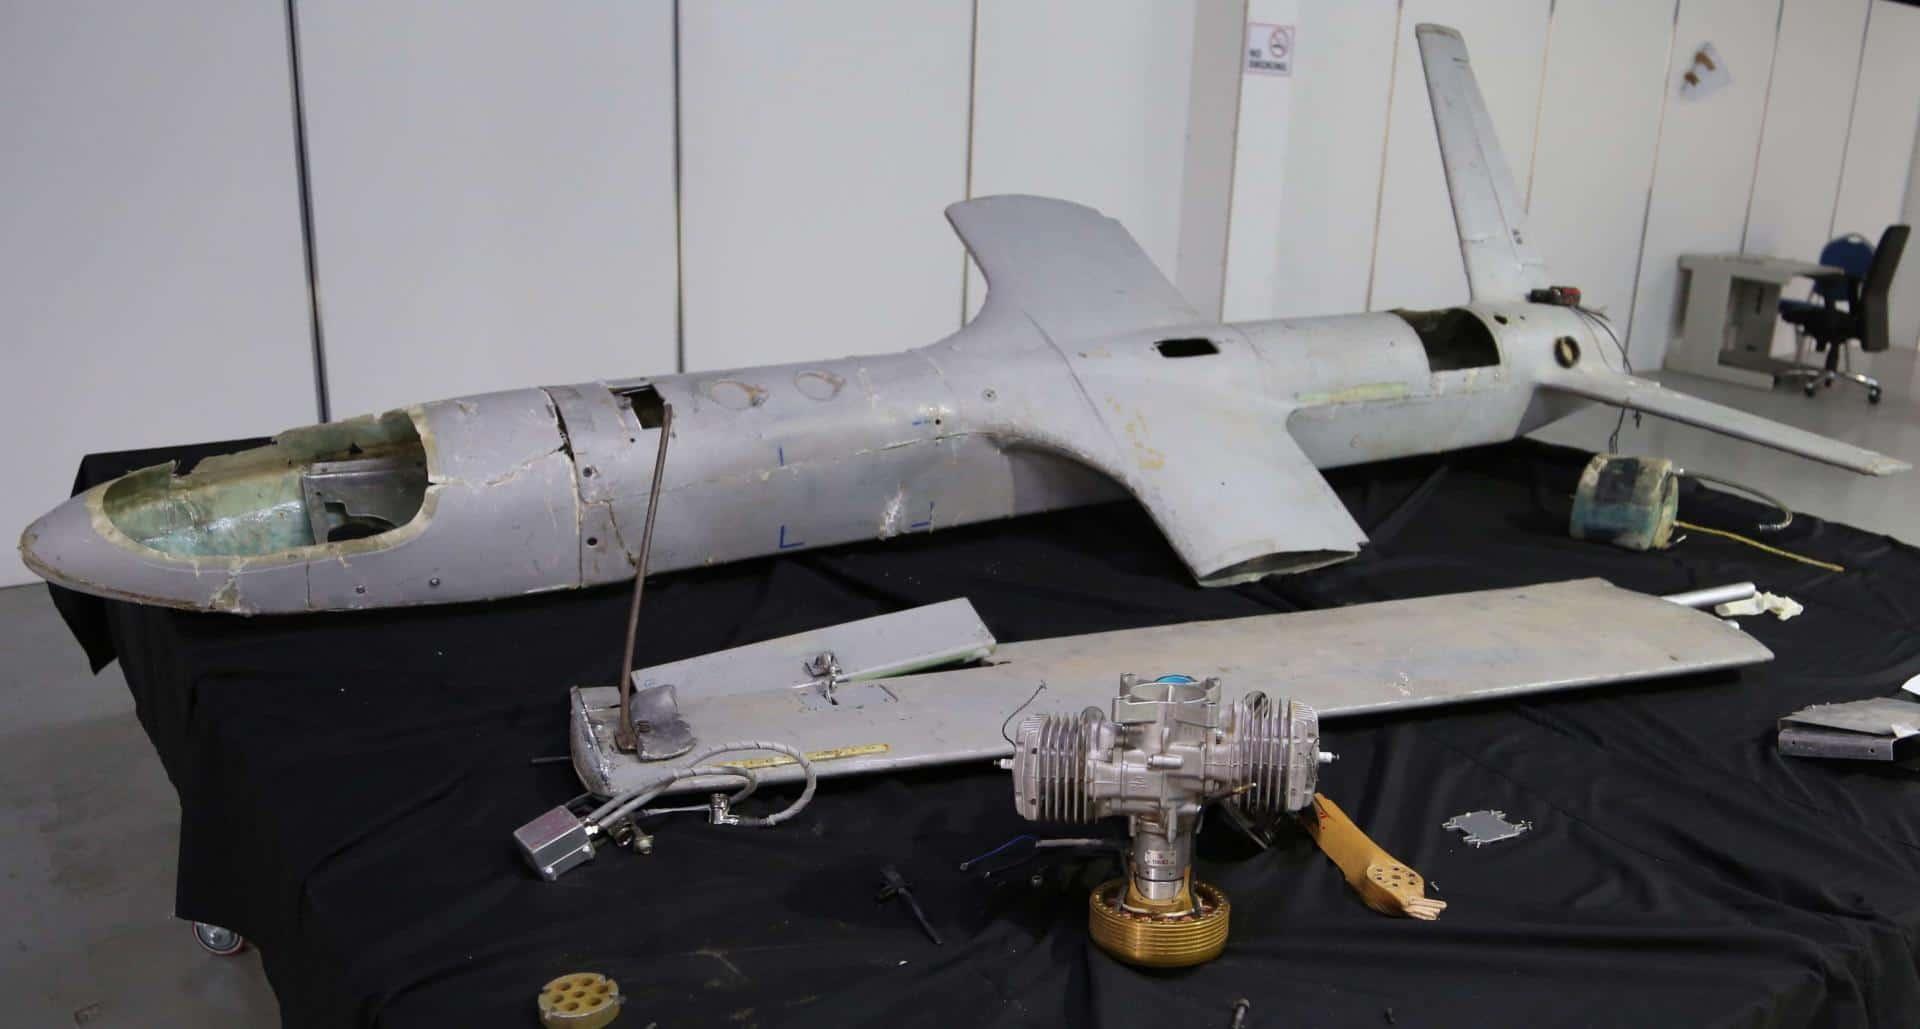 شركة مقرها دبي تشحن قطع الطائرات المسيرة إلى الحوثيين وتزور هوية مكانها على أنها في سلطنة عمان